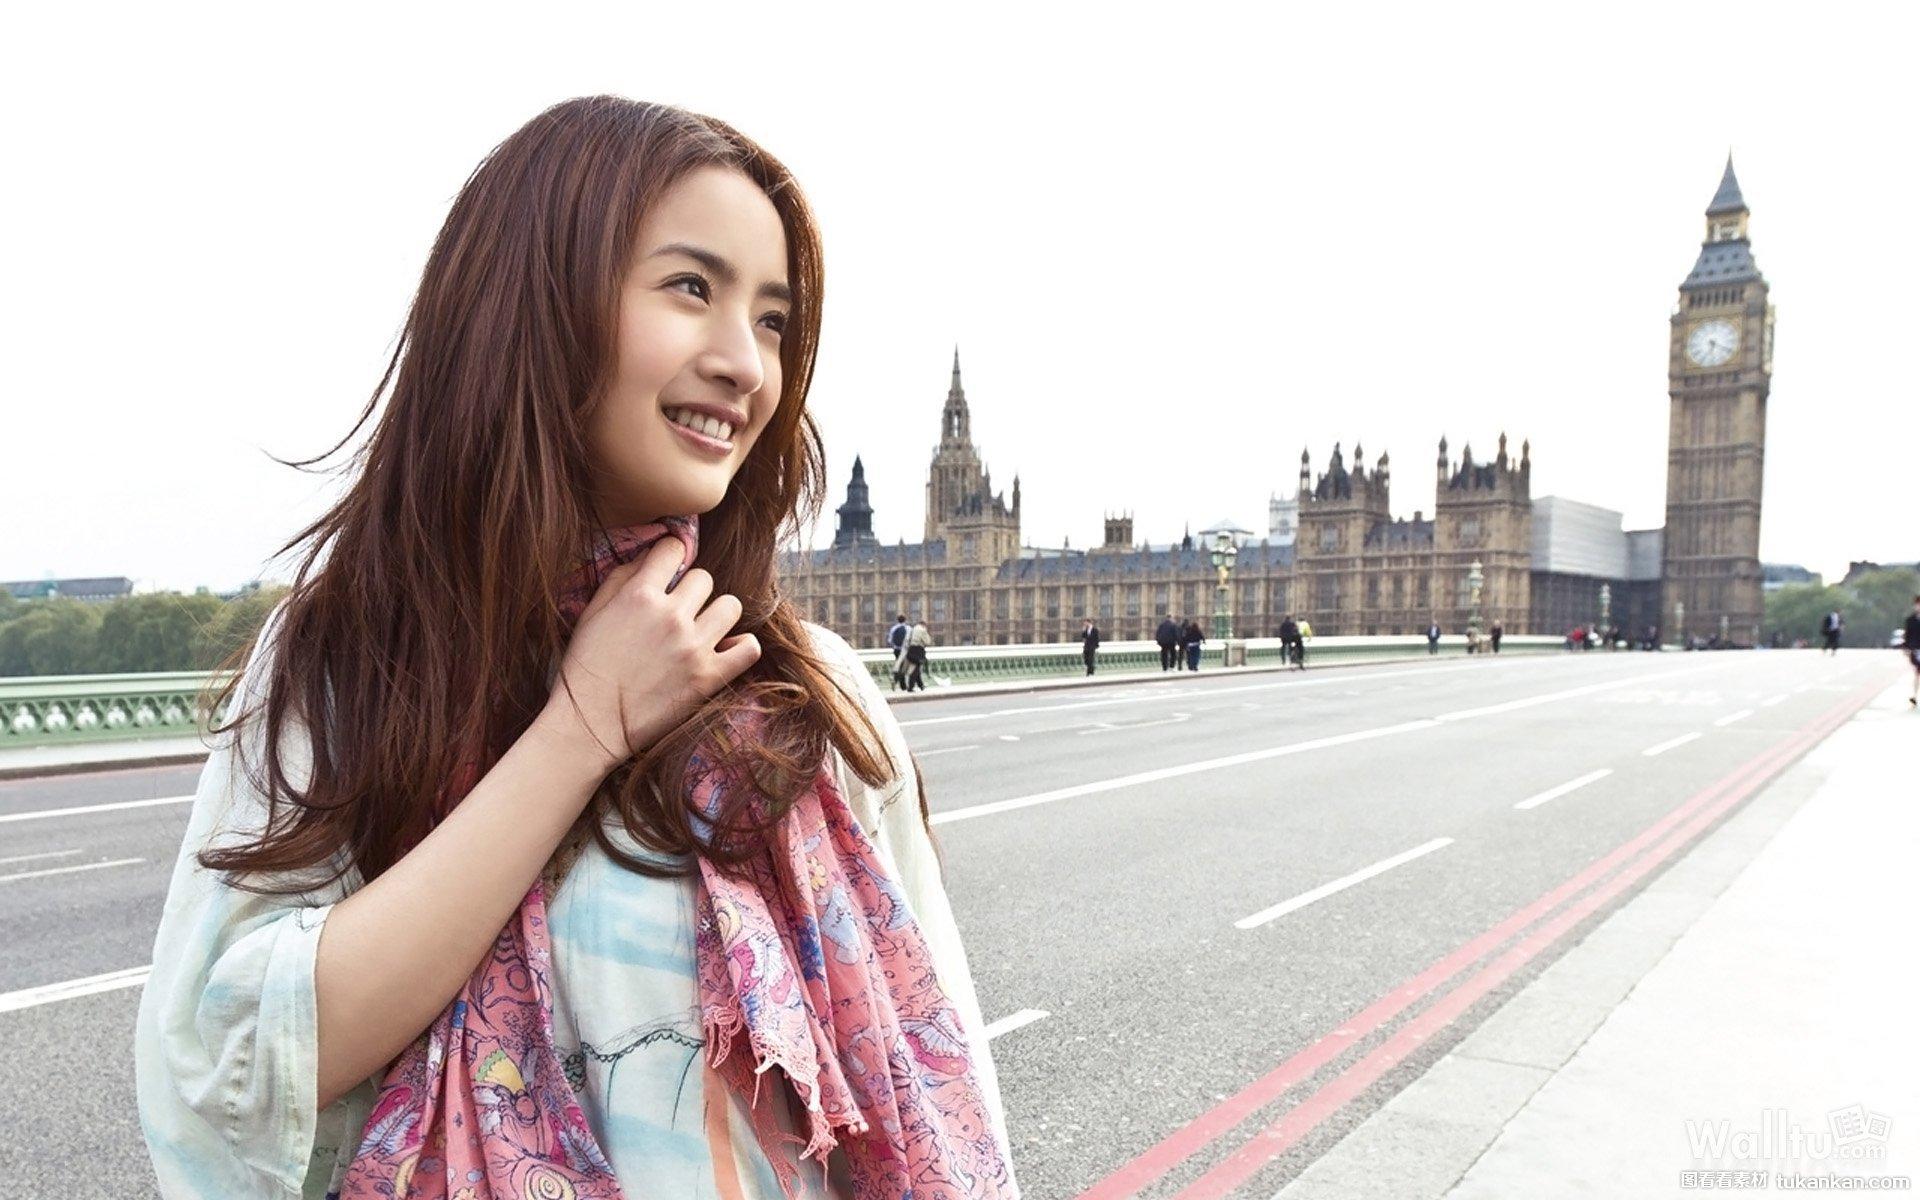 林依晨(ariel lin),中国台湾女演员